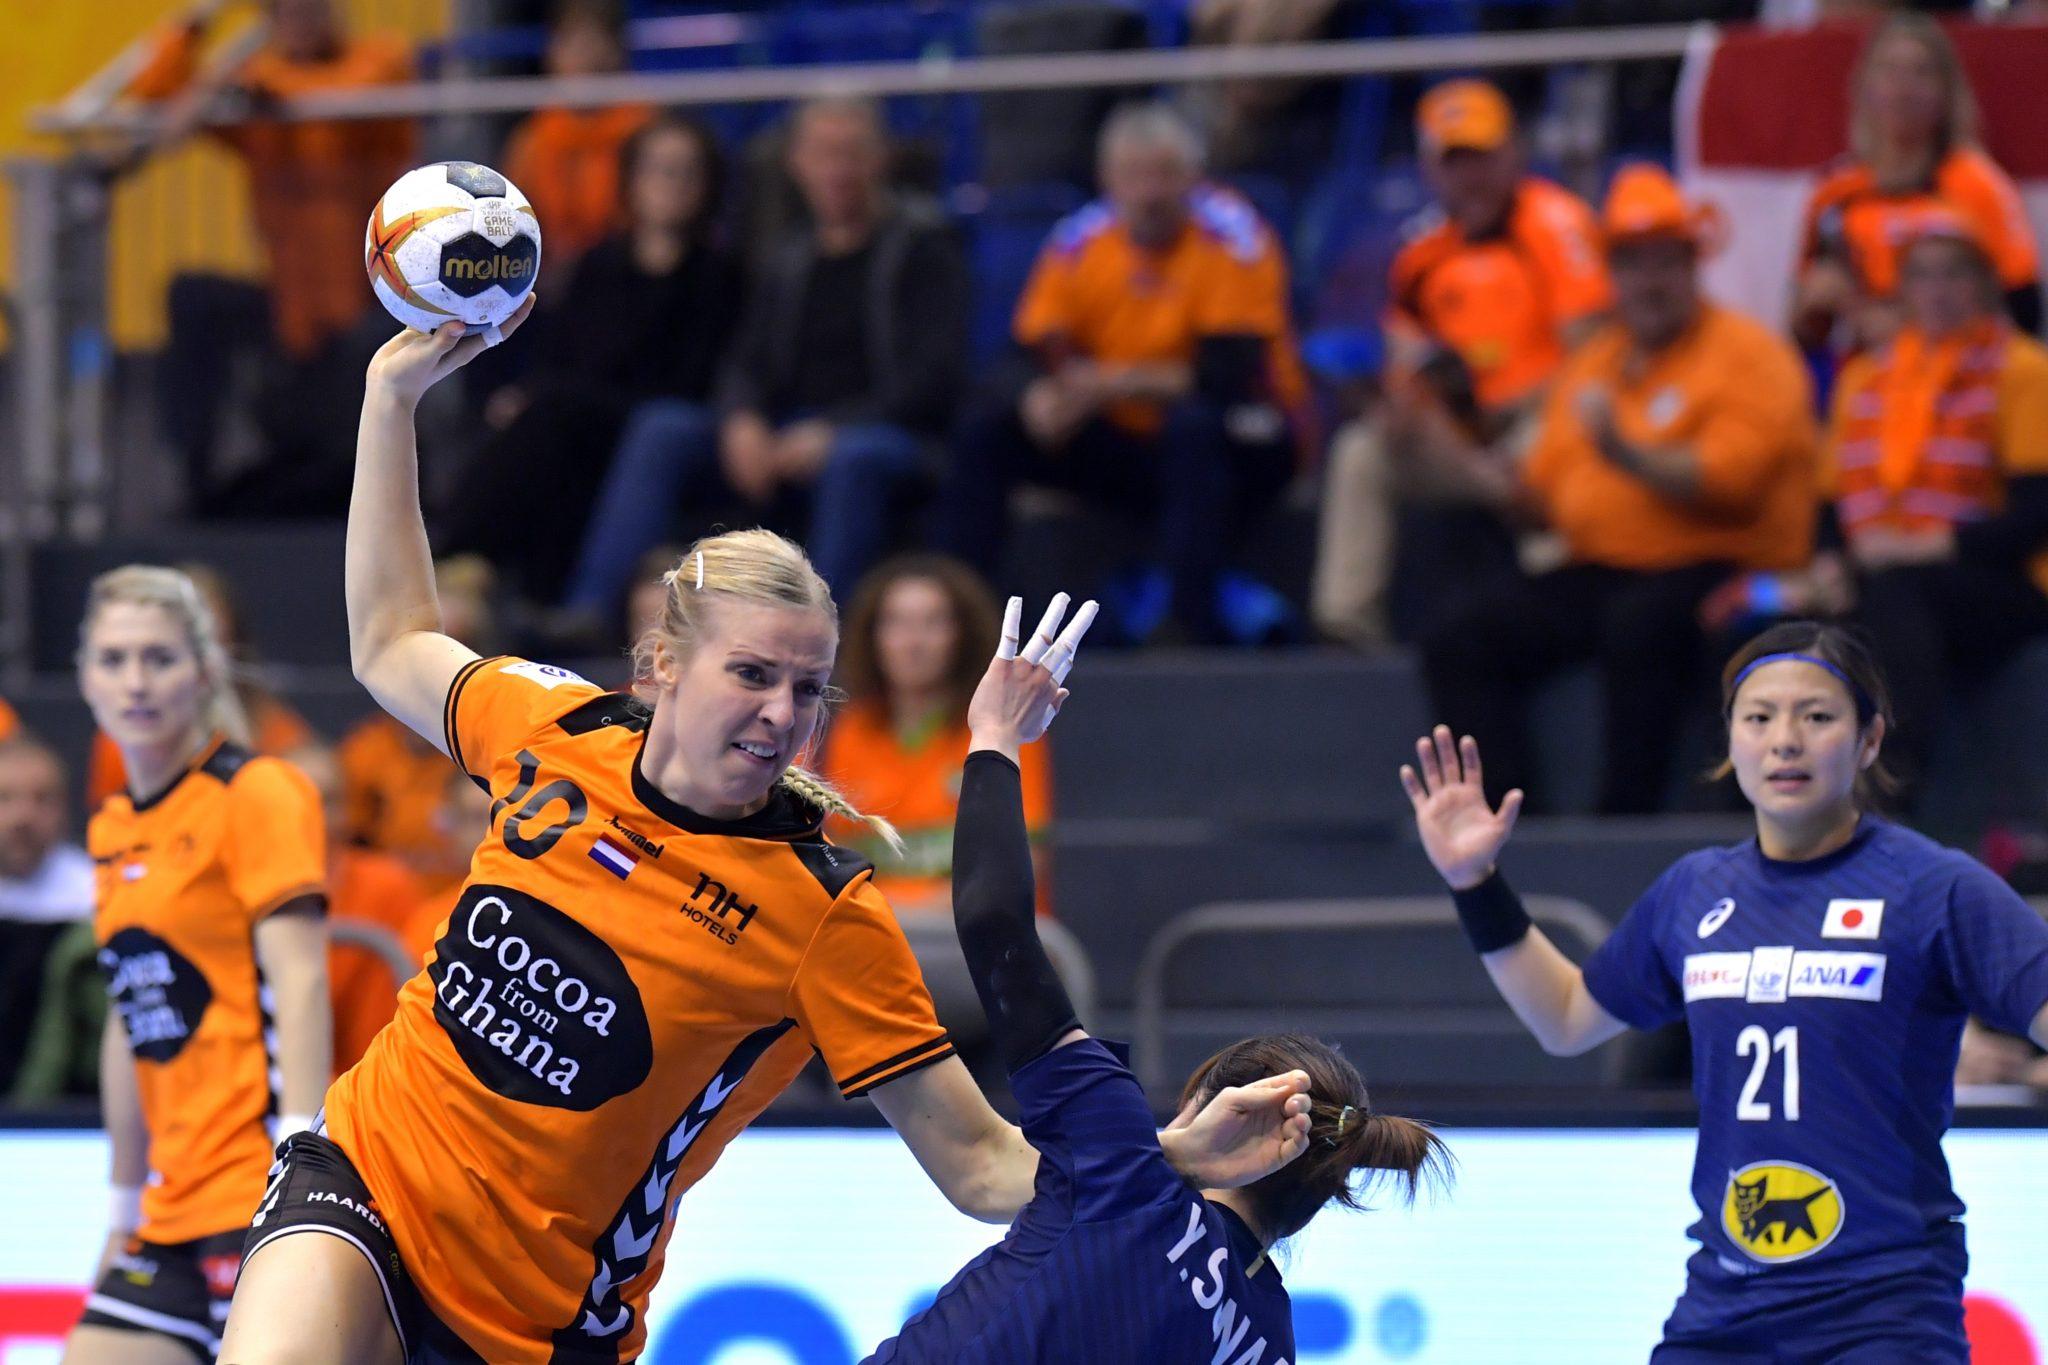 11-12-2017 HANDBAL:NEDERLAND-JAPAN:MAGDEBURG WK Handbal Dames 2017 1/8 Finales, Nederland - Japan Danick Snelder #10 NED  Foto: Henk Seppen